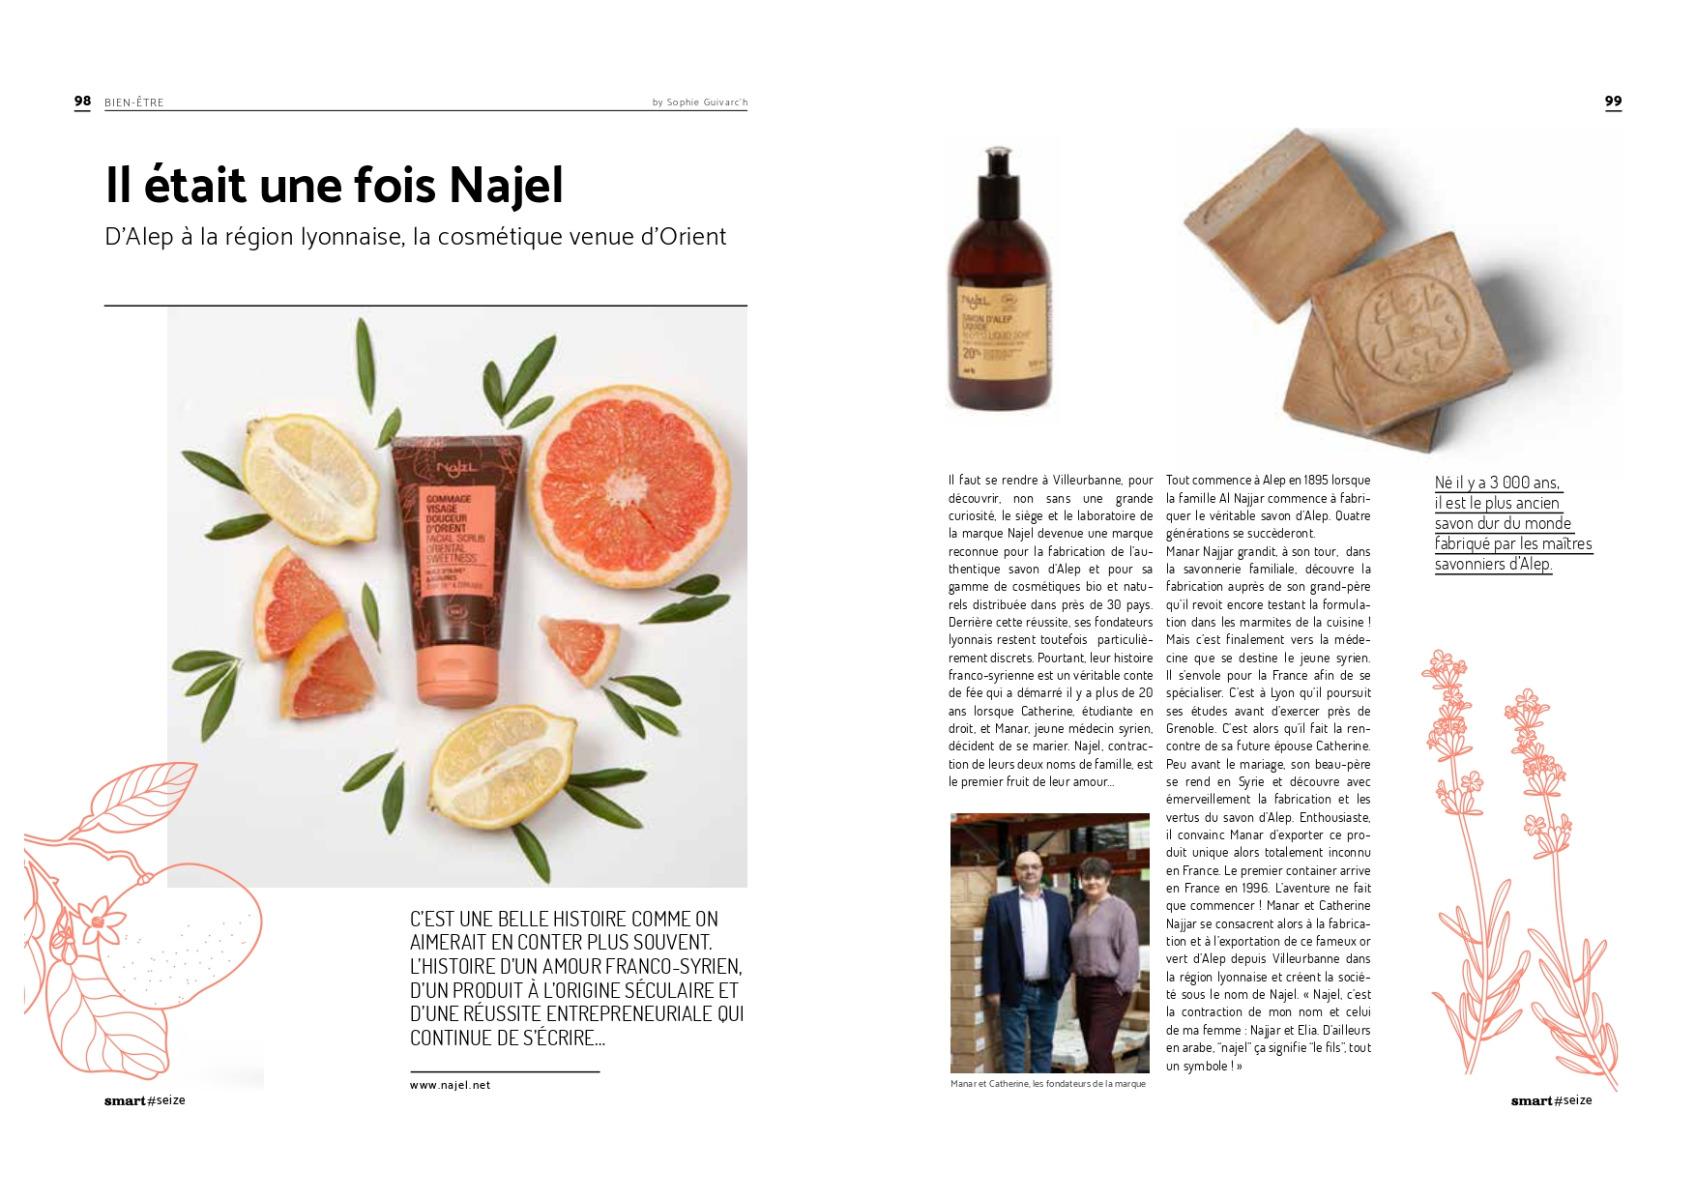 SMART-magazine-najel-savon-alep-cosmétique-bio